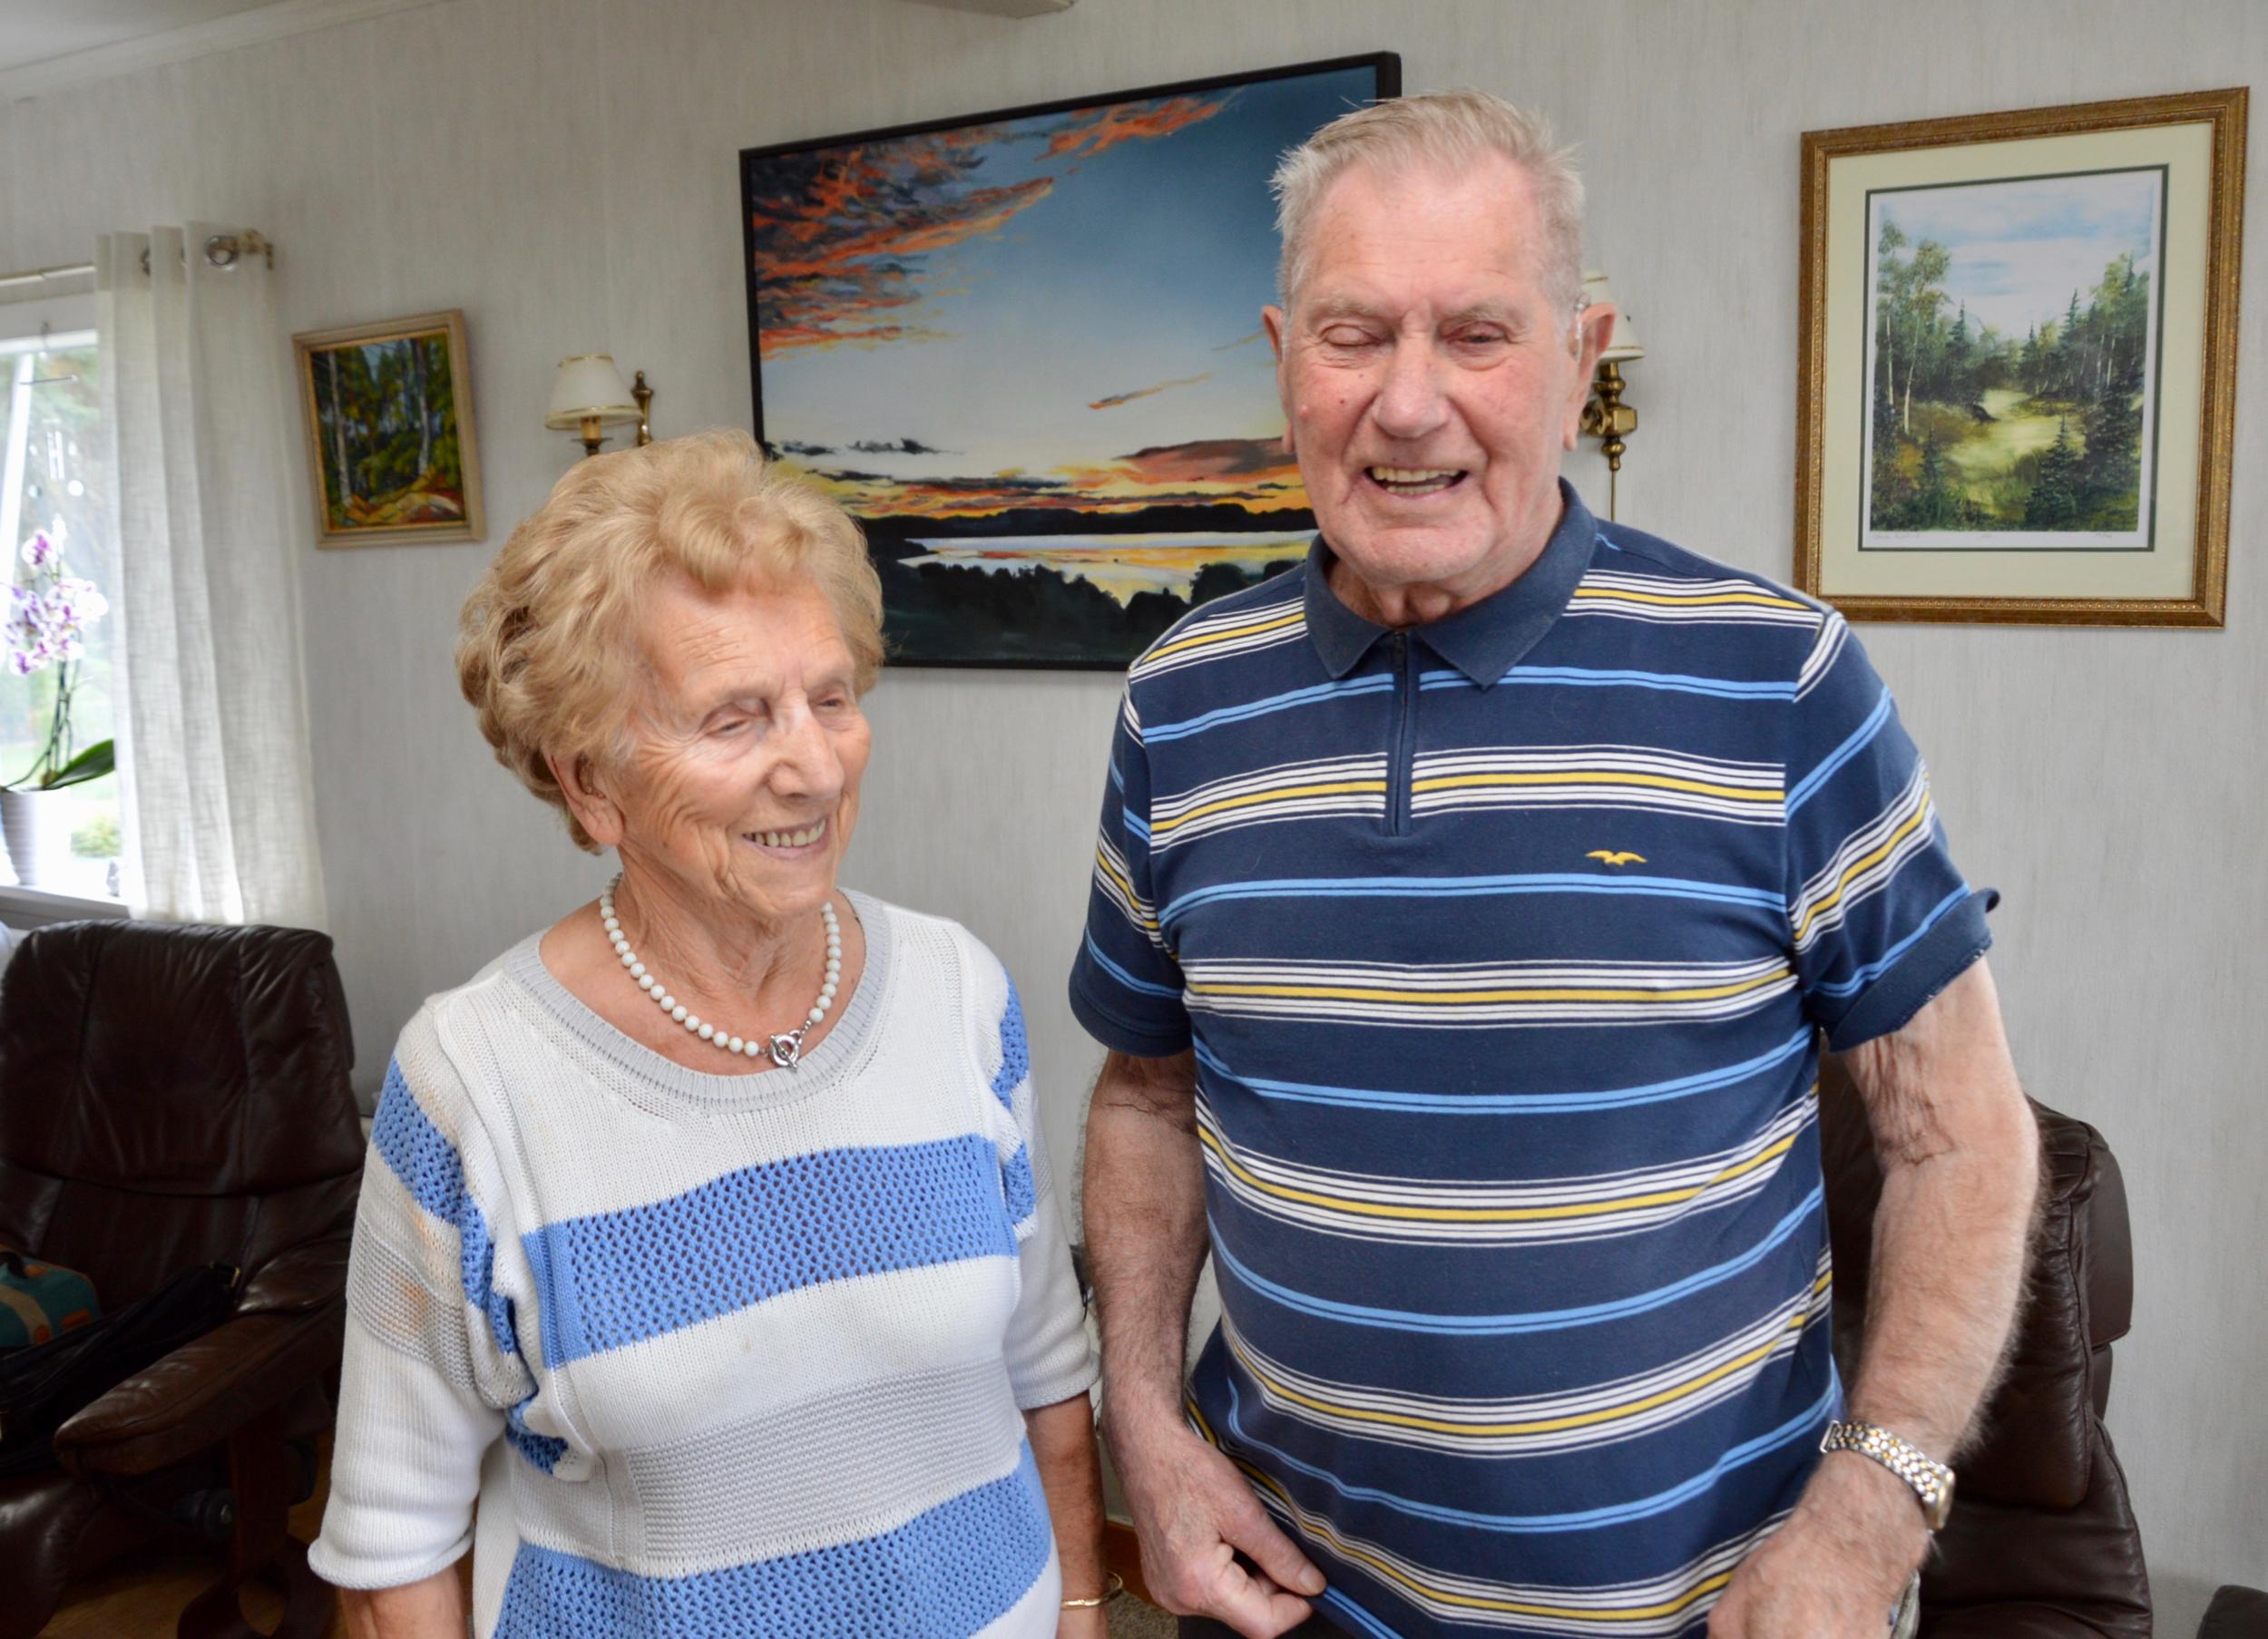 Godt humør og ein sunn levemåte er bra for folk i alle aldrar, seier Bjarne og Edith. Dei er glade for å vera to ilag når dei er så gamle.